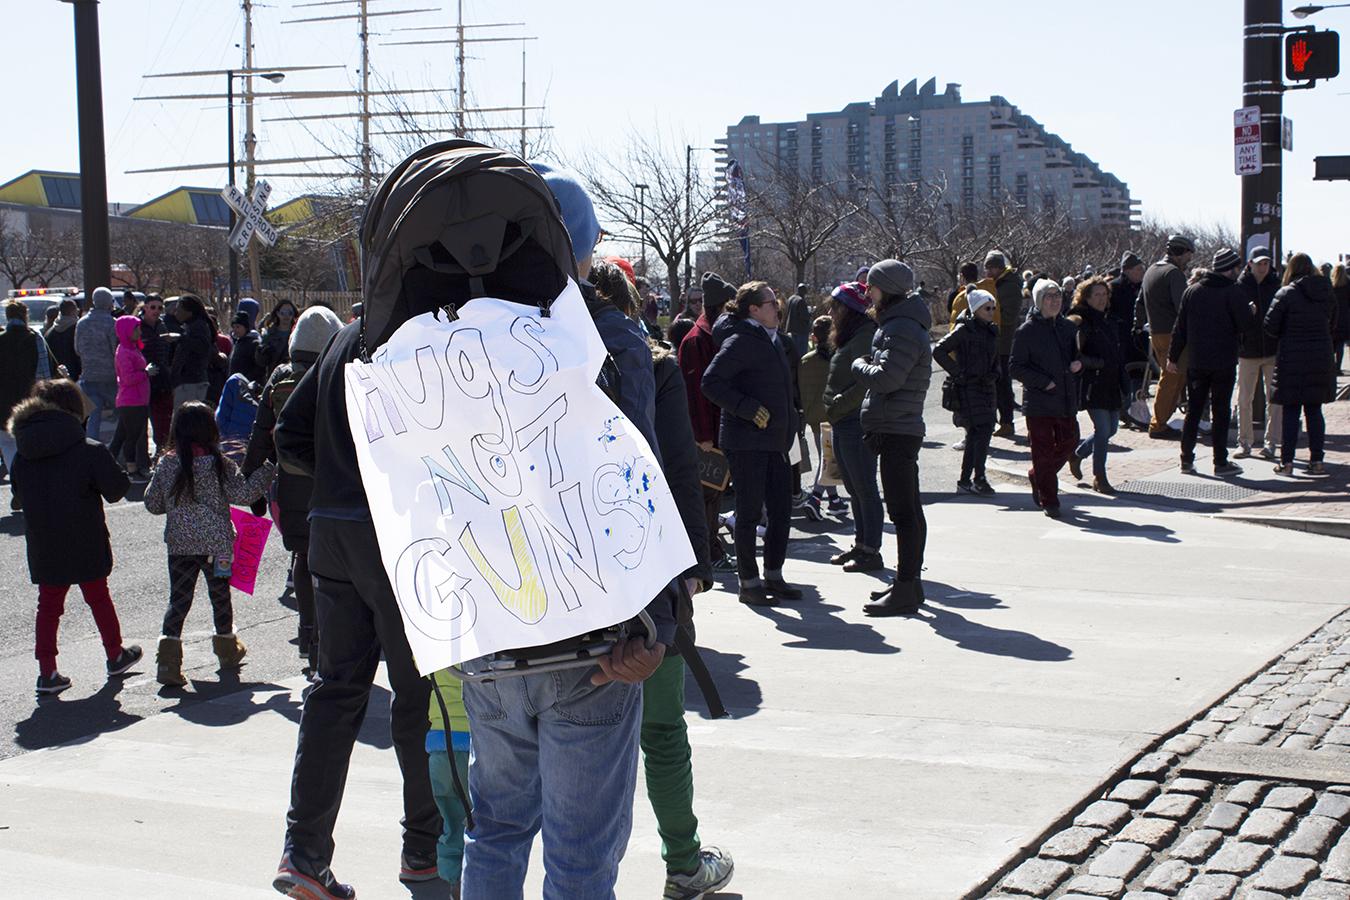 Hilary_Lam_Hugs_not_guns_protestor_philadelphia